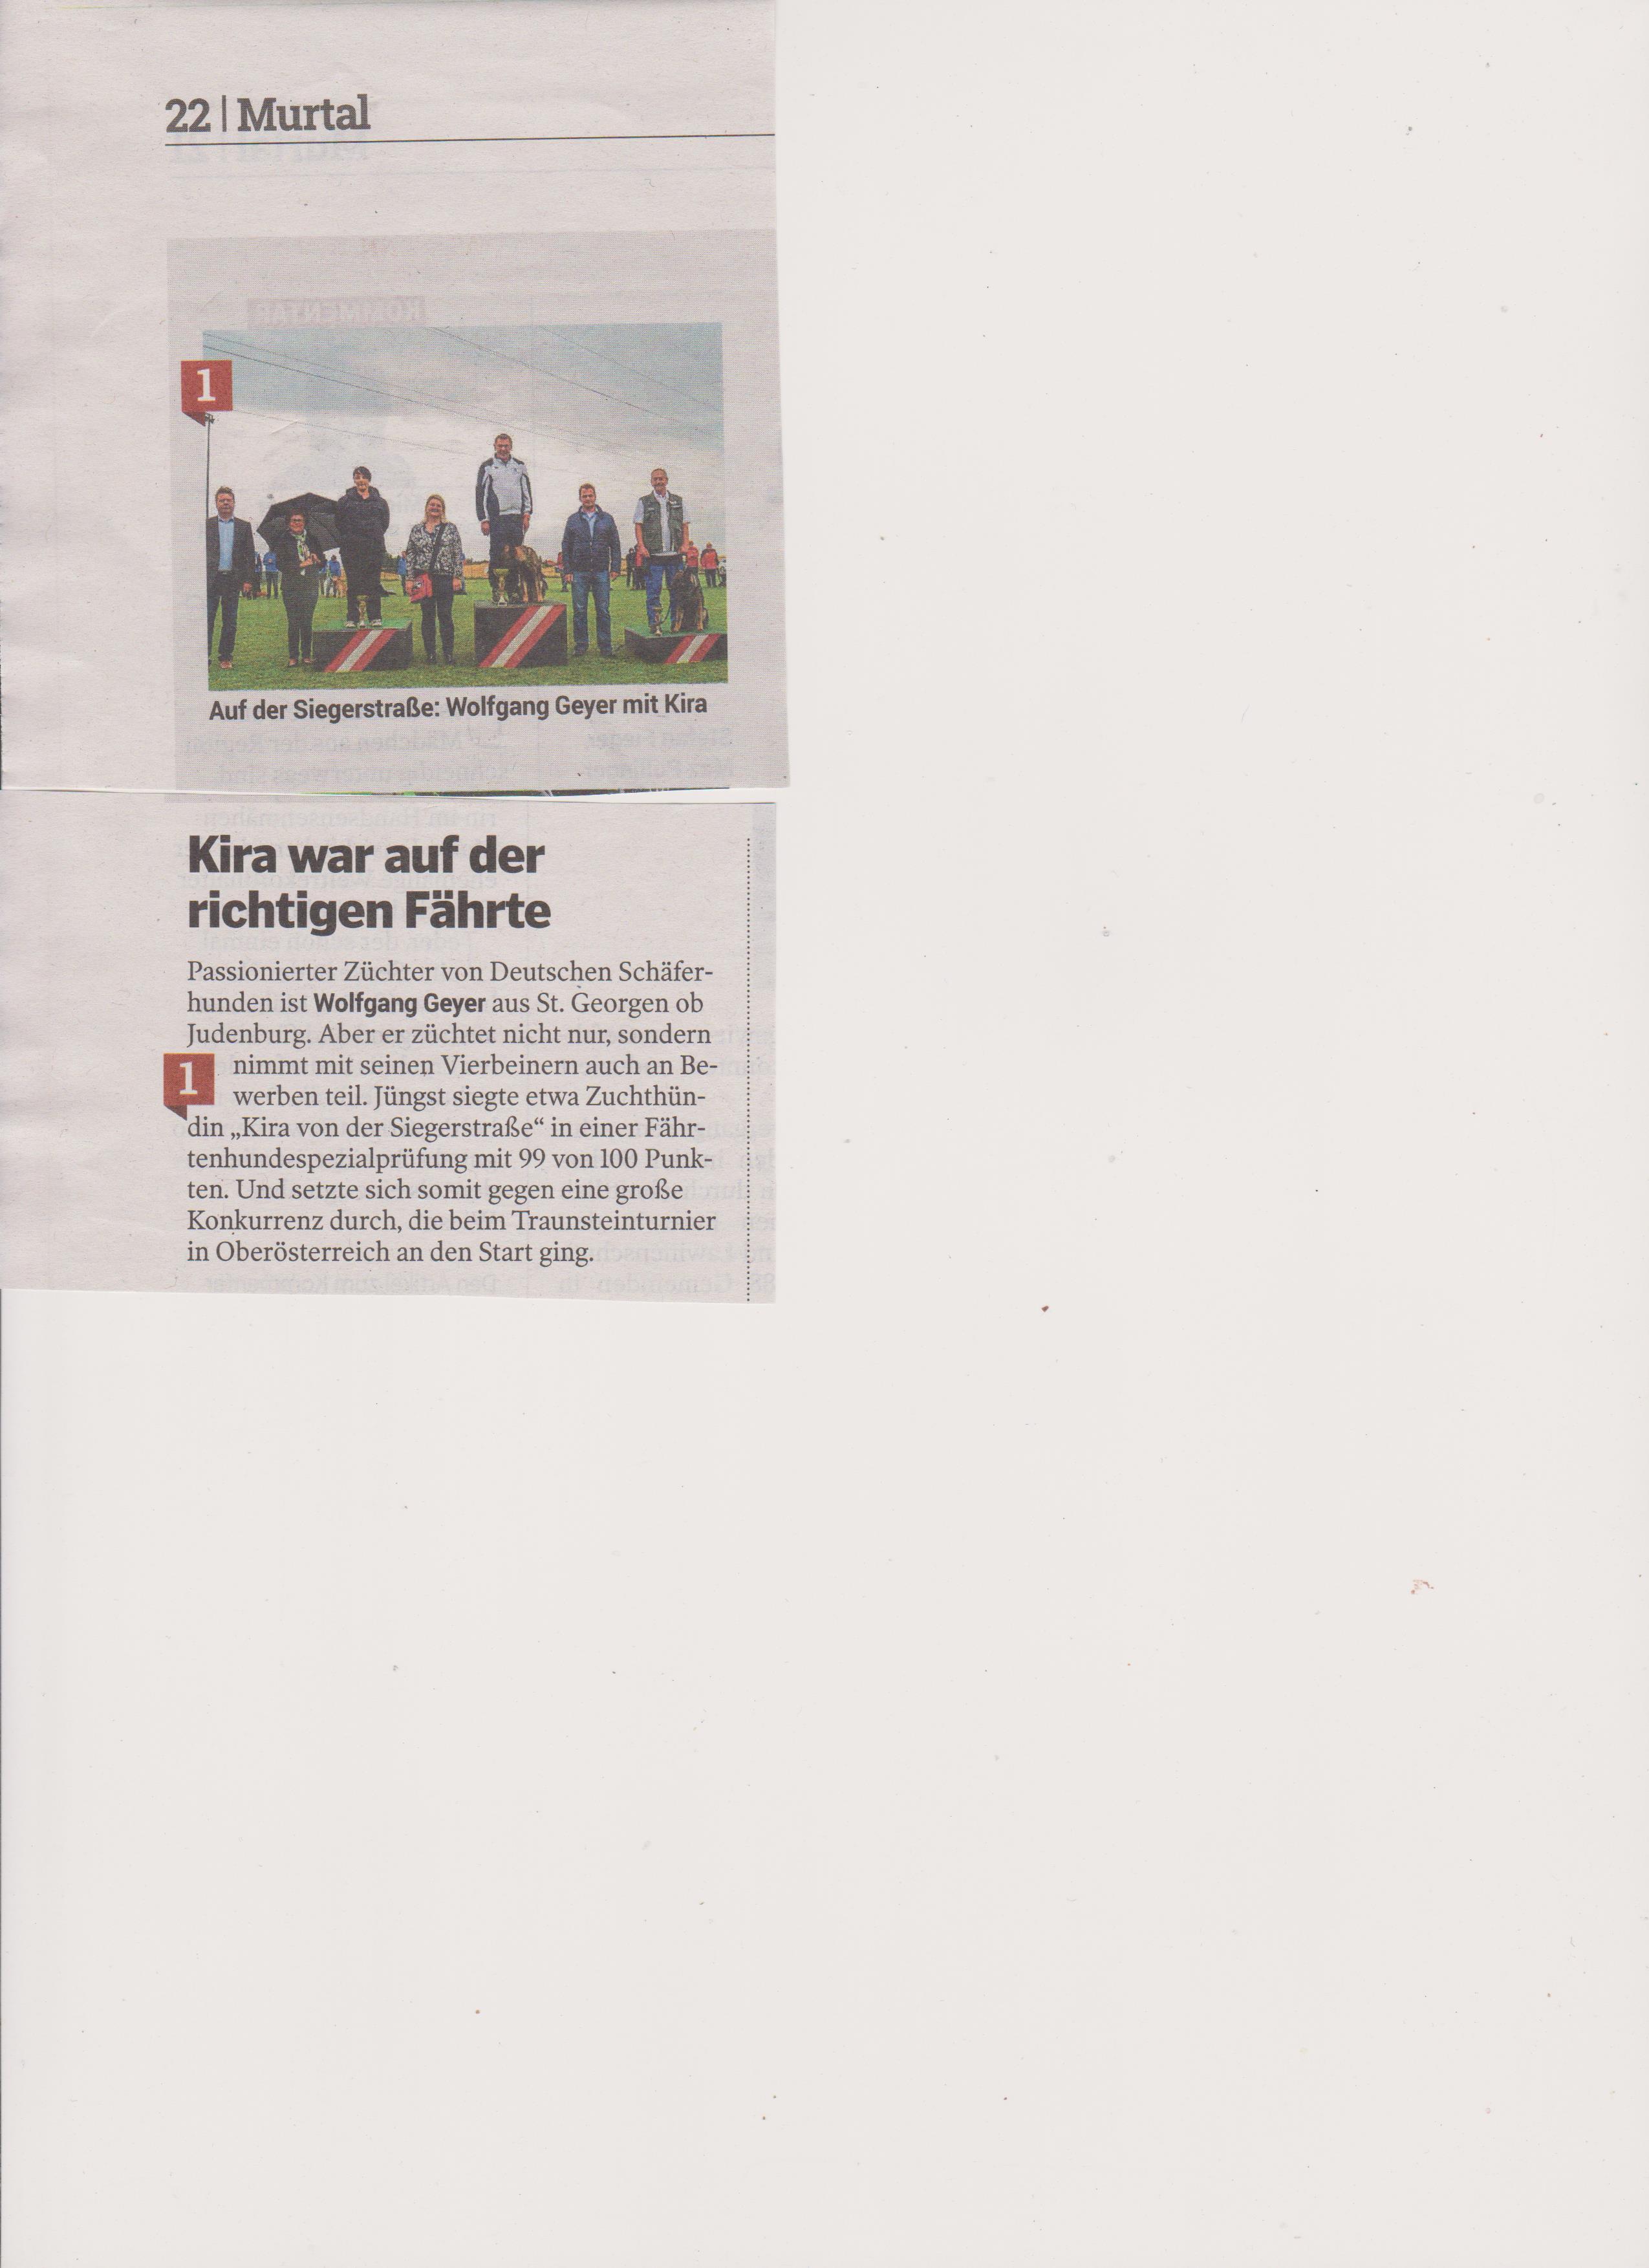 Erfolg Kira von der Siegerstrasse ZeitungsartikelKleine Zeitung 002